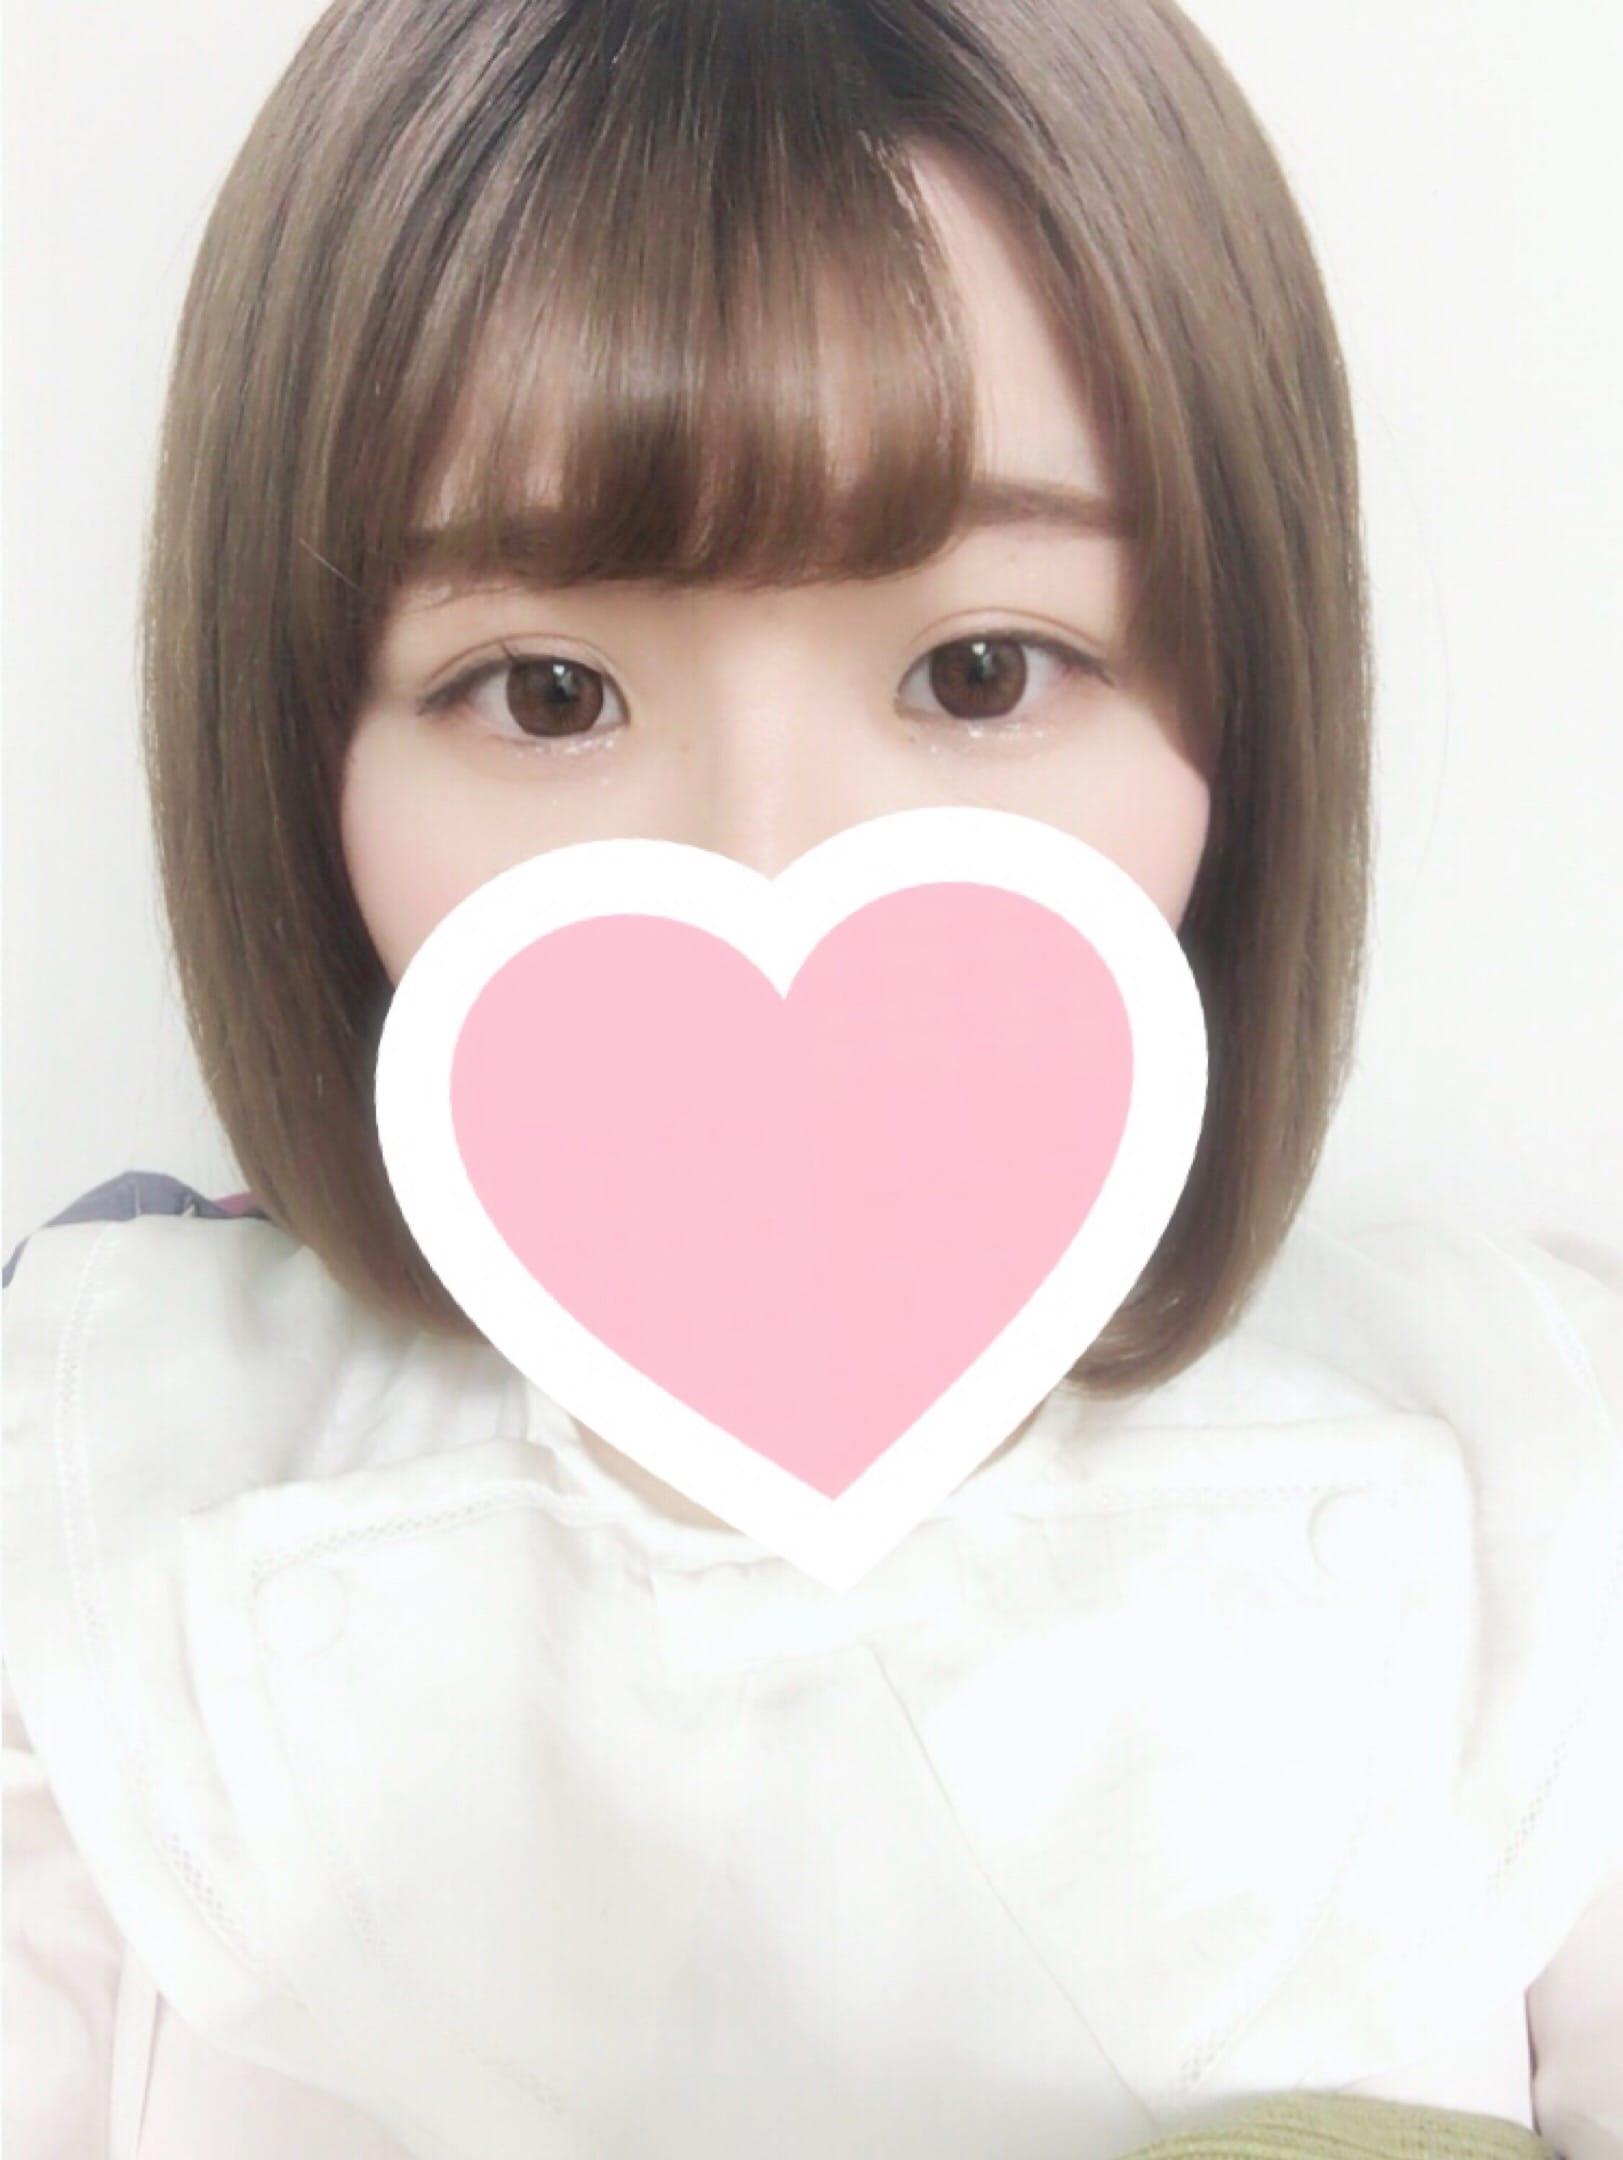 「みりあです」04/06(04/06) 21:17 | みりあちゃんの写メ・風俗動画